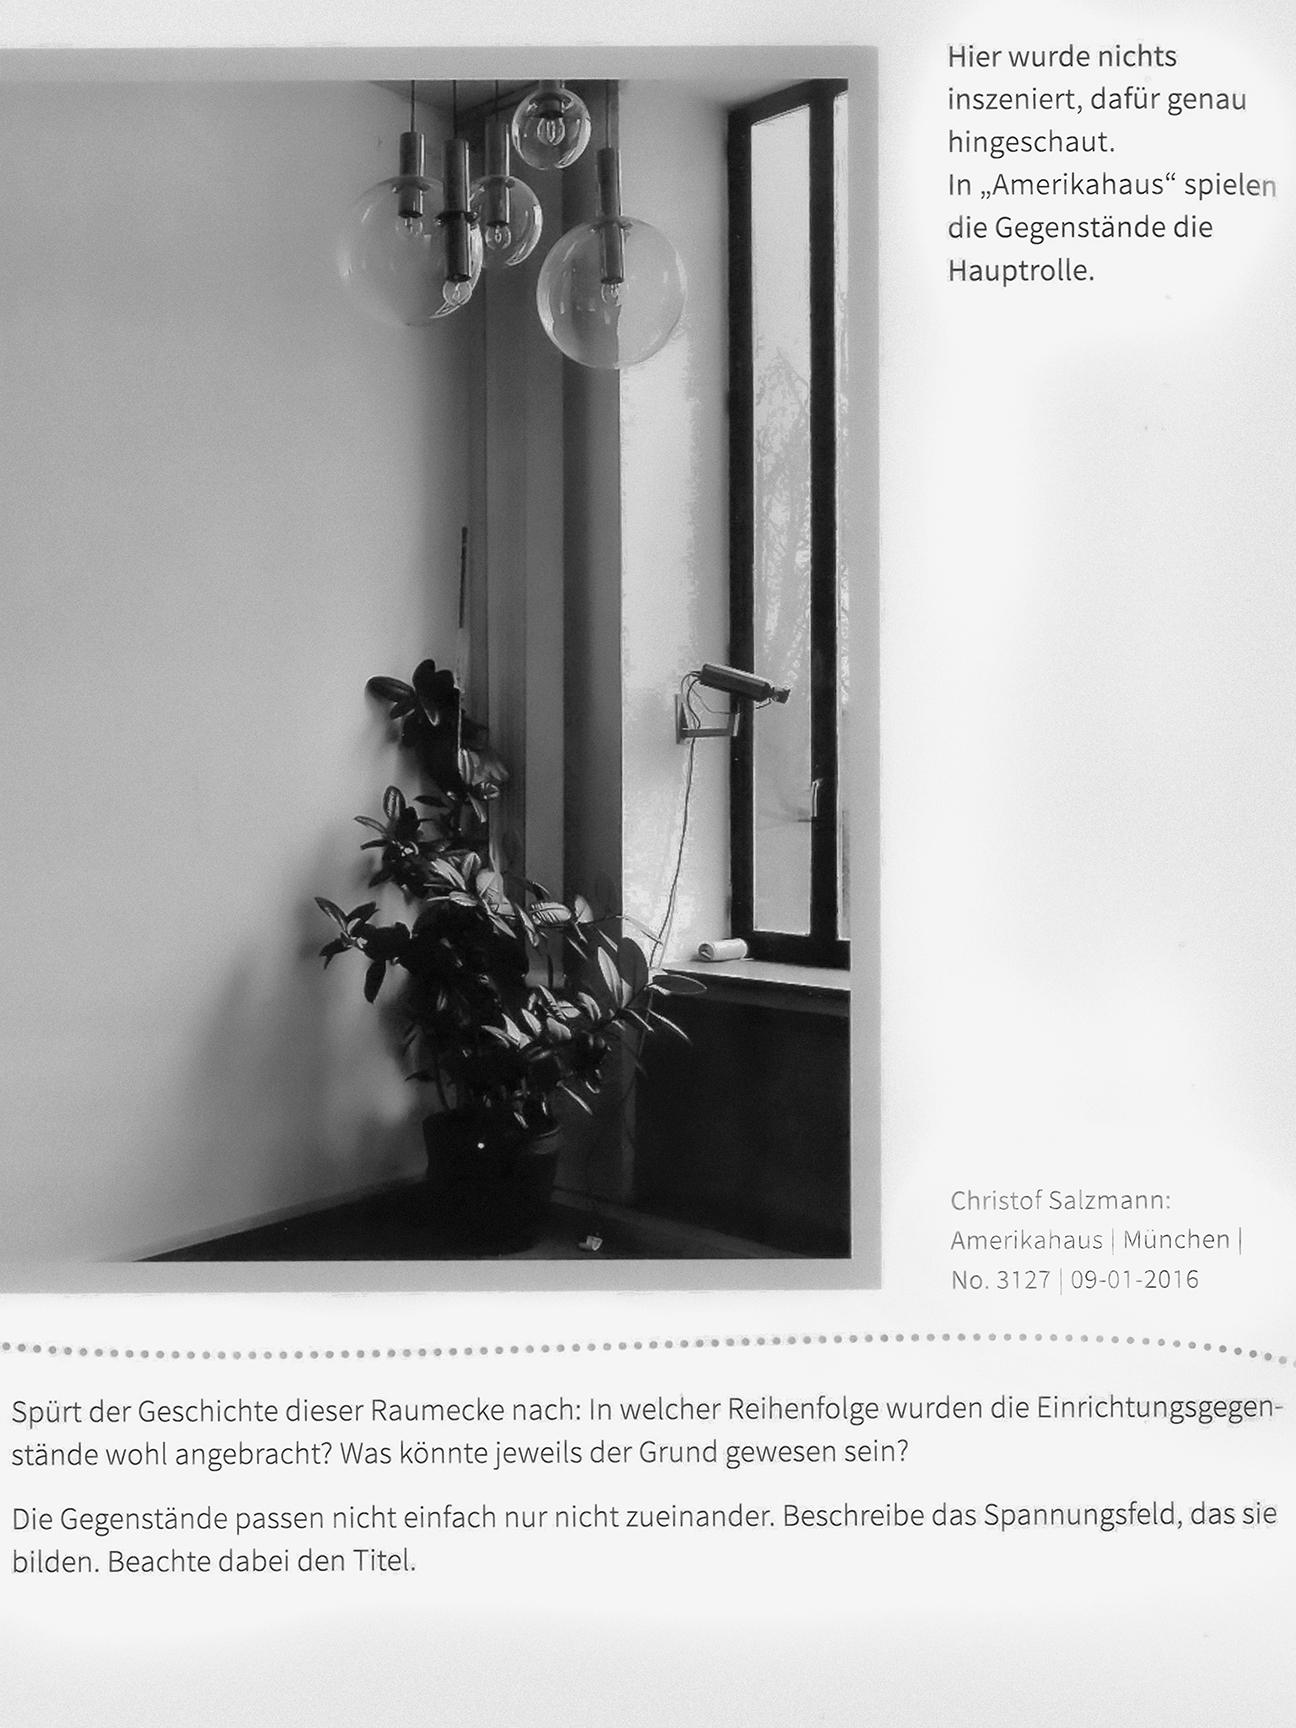 Kunstbuch 3   Amerikahaus, München, No. 3127   Verlag: Westermann Gruppe, S. 80.